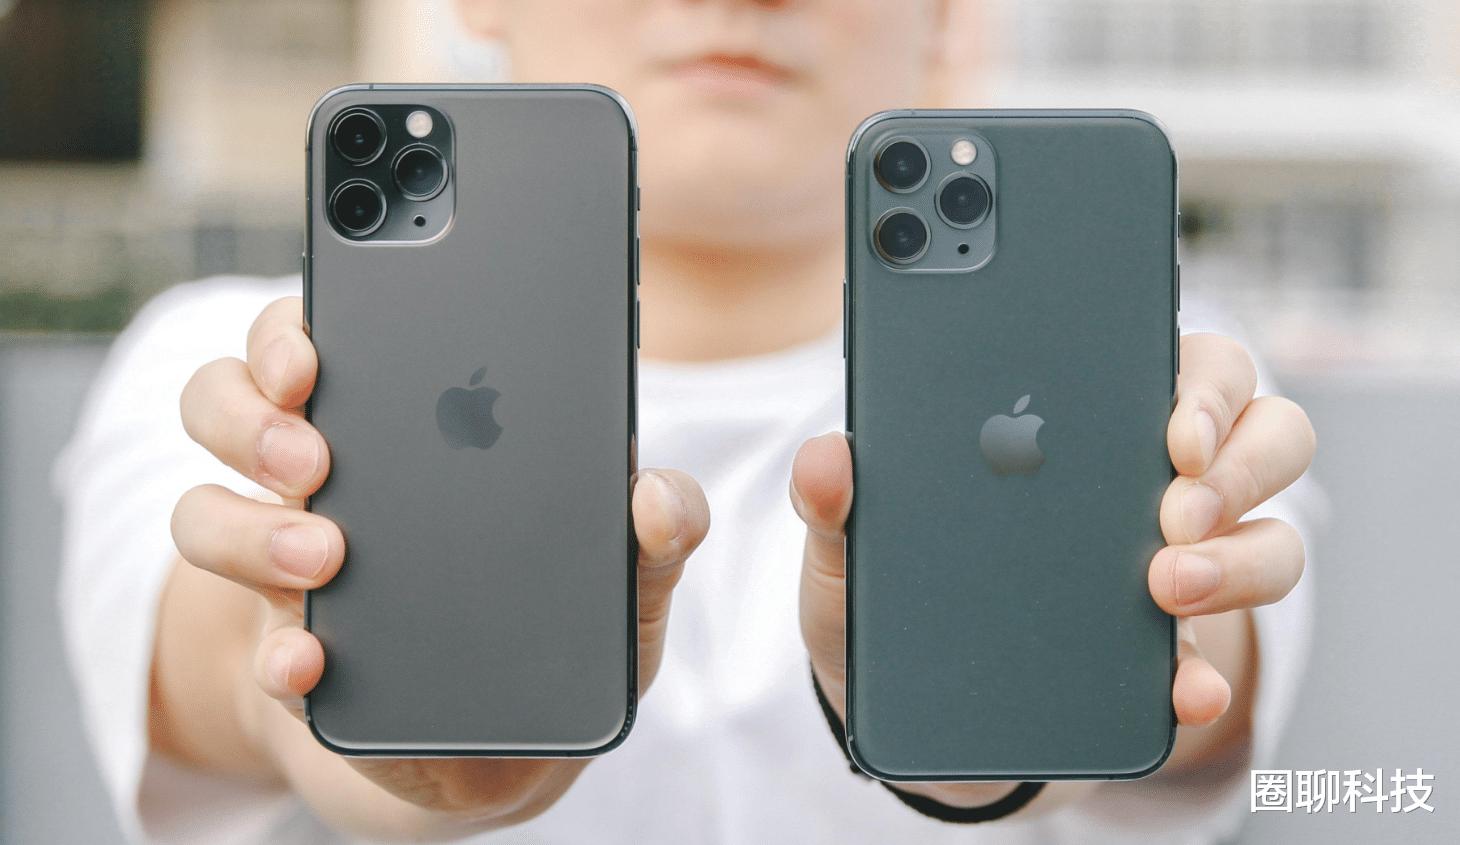 iPhone11销量迎反转!价格涨了为何还成销量王? 数码科技 第1张